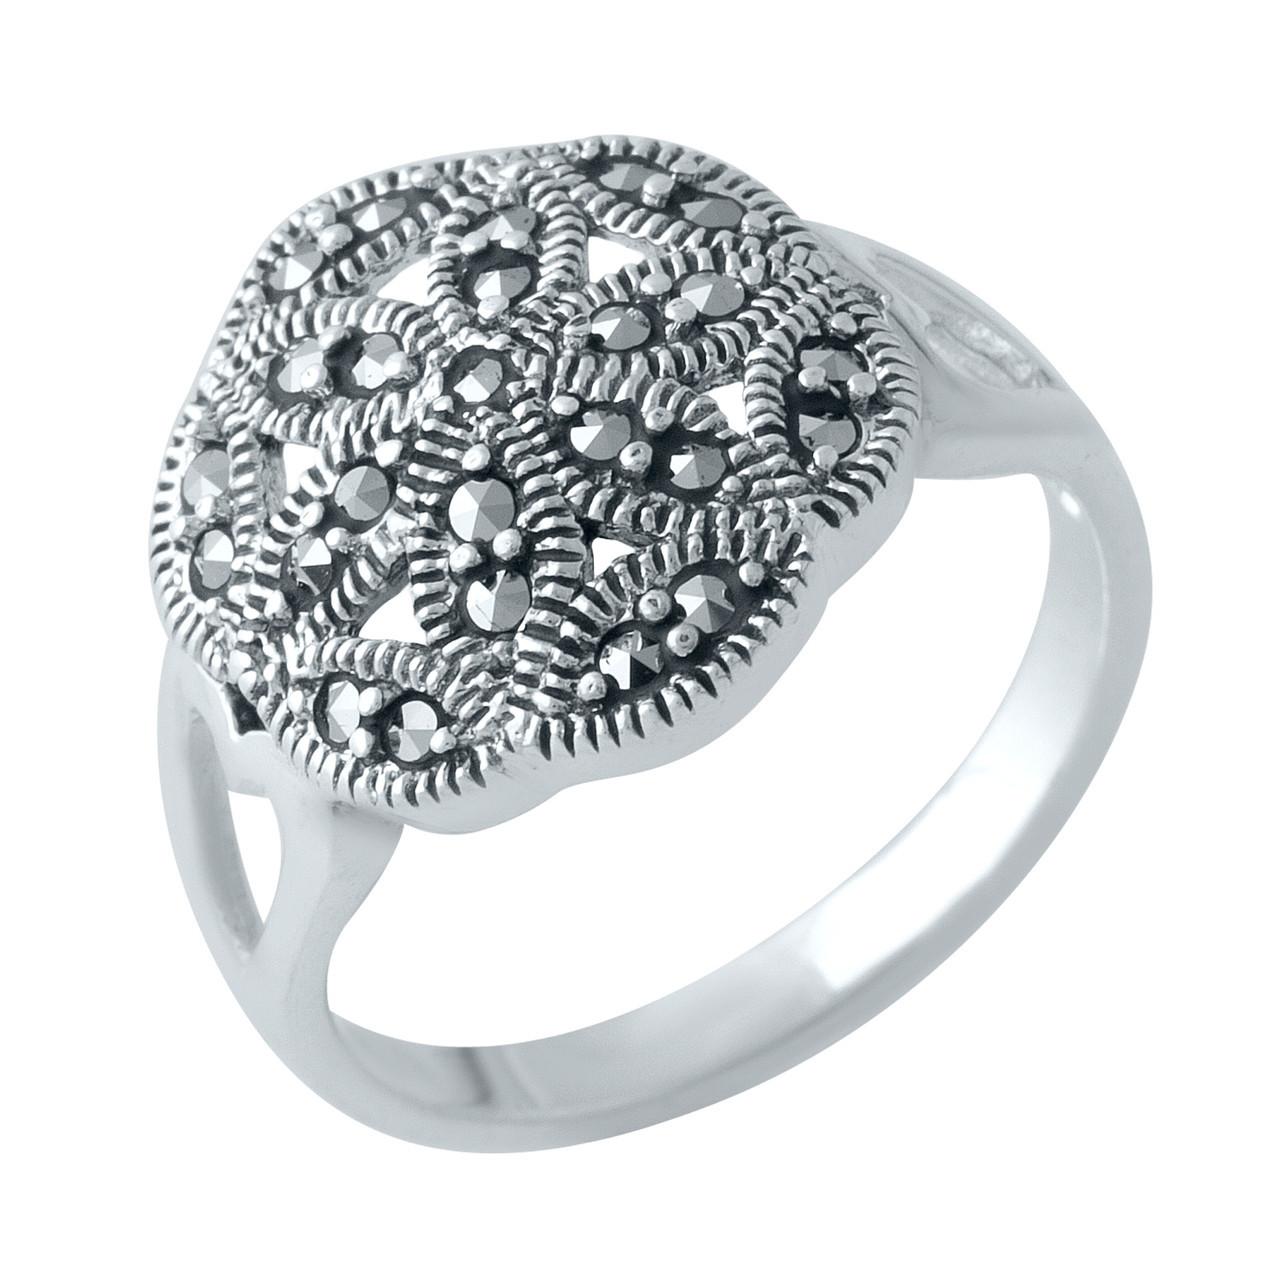 Родированное серебряное кольцо 925 пробы с натуральными марказитами